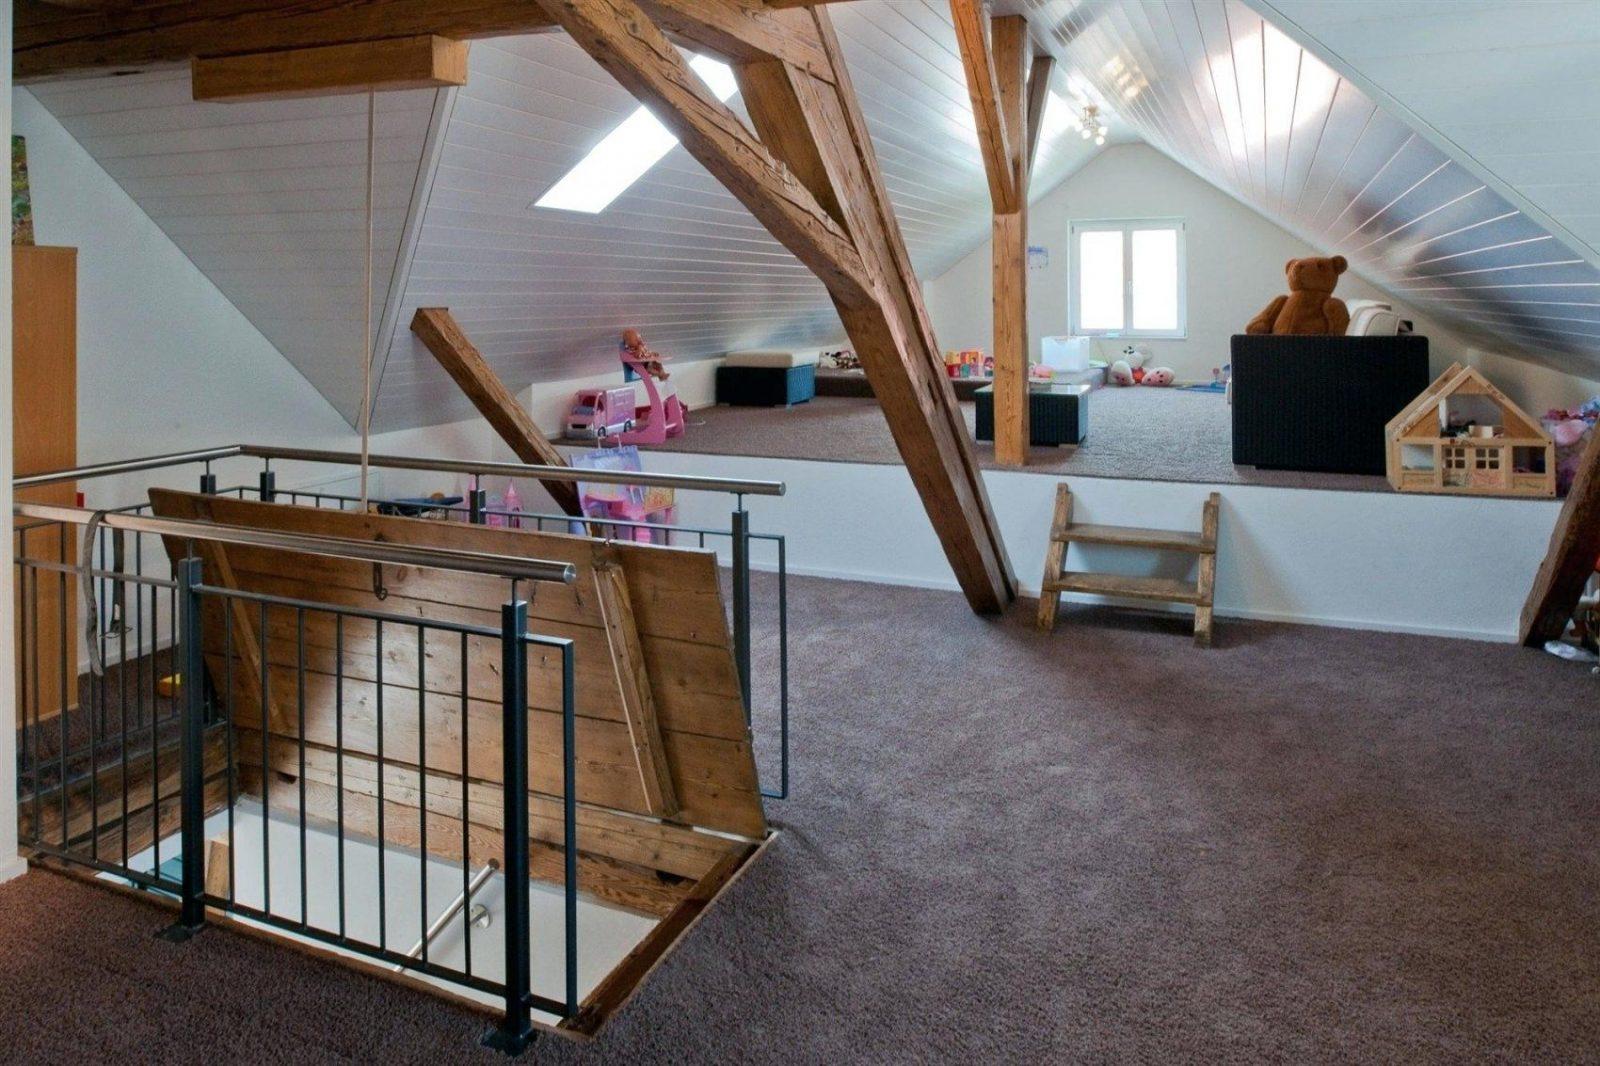 Haus Renovieren Sensationell Muster Mehr Als Haus Renovieren Haus von Bauernhaus Renovieren Vorher Nachher Bild